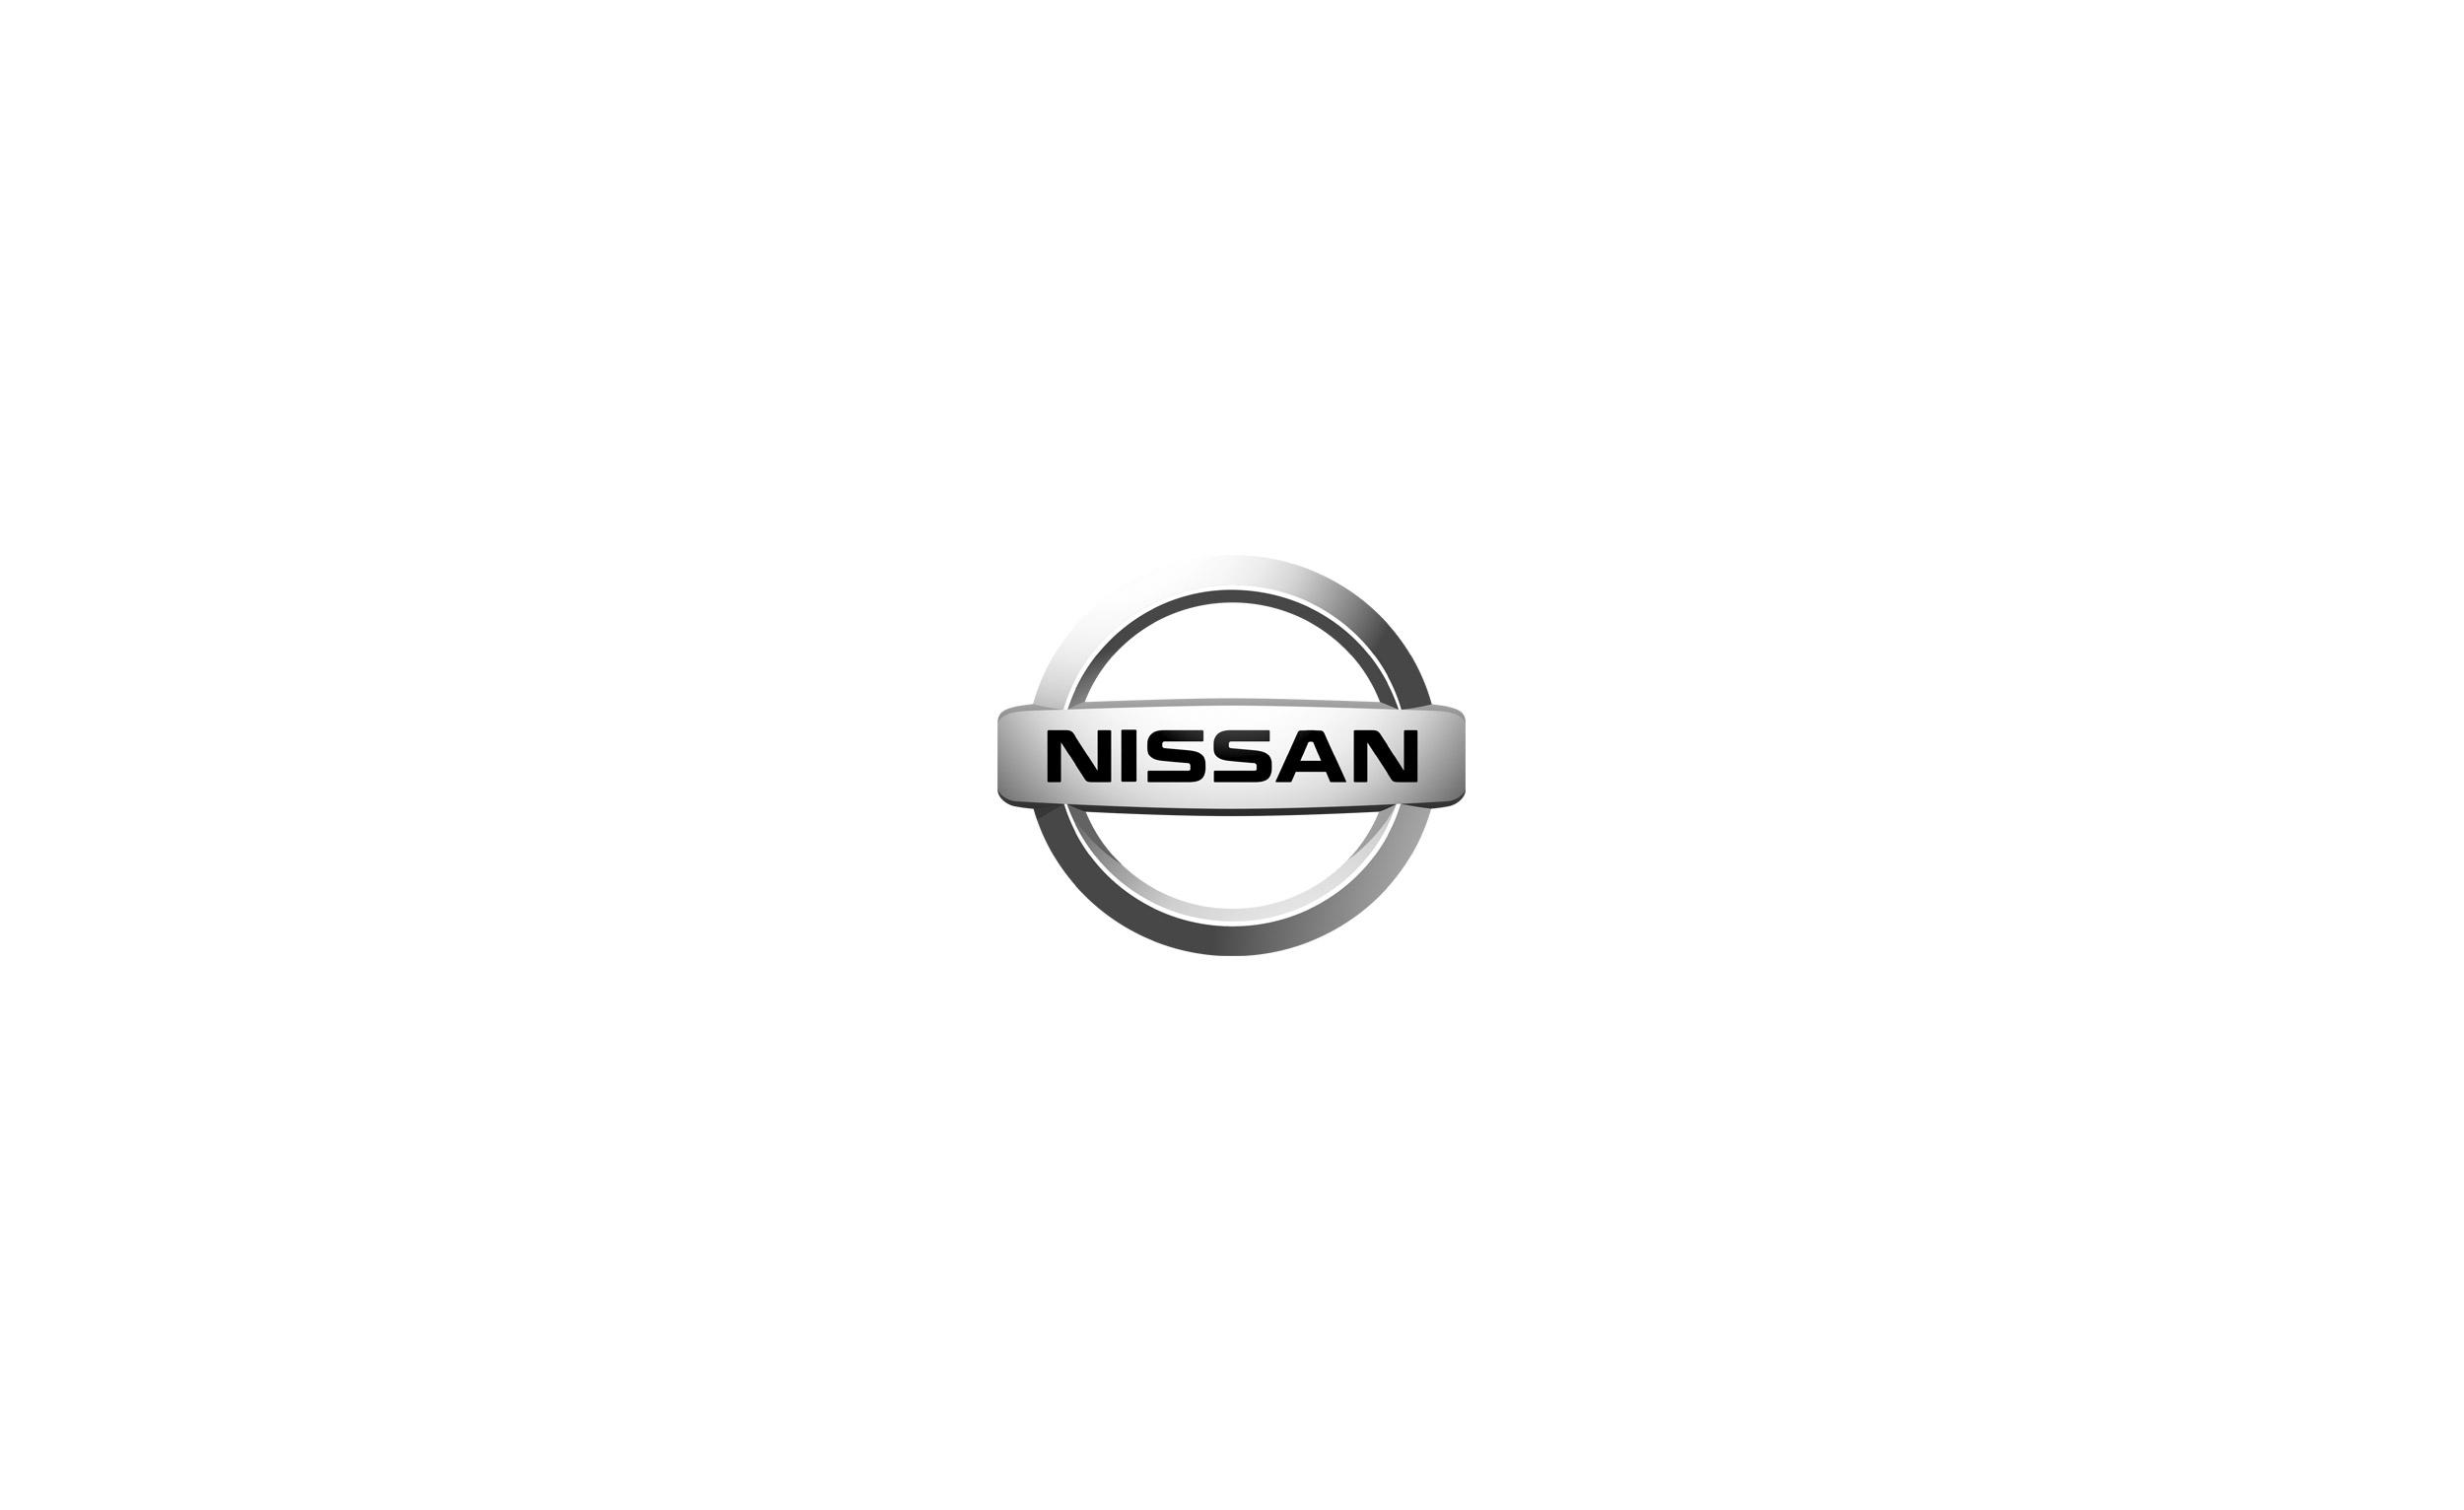 img_partner_logo_nissan.jpg